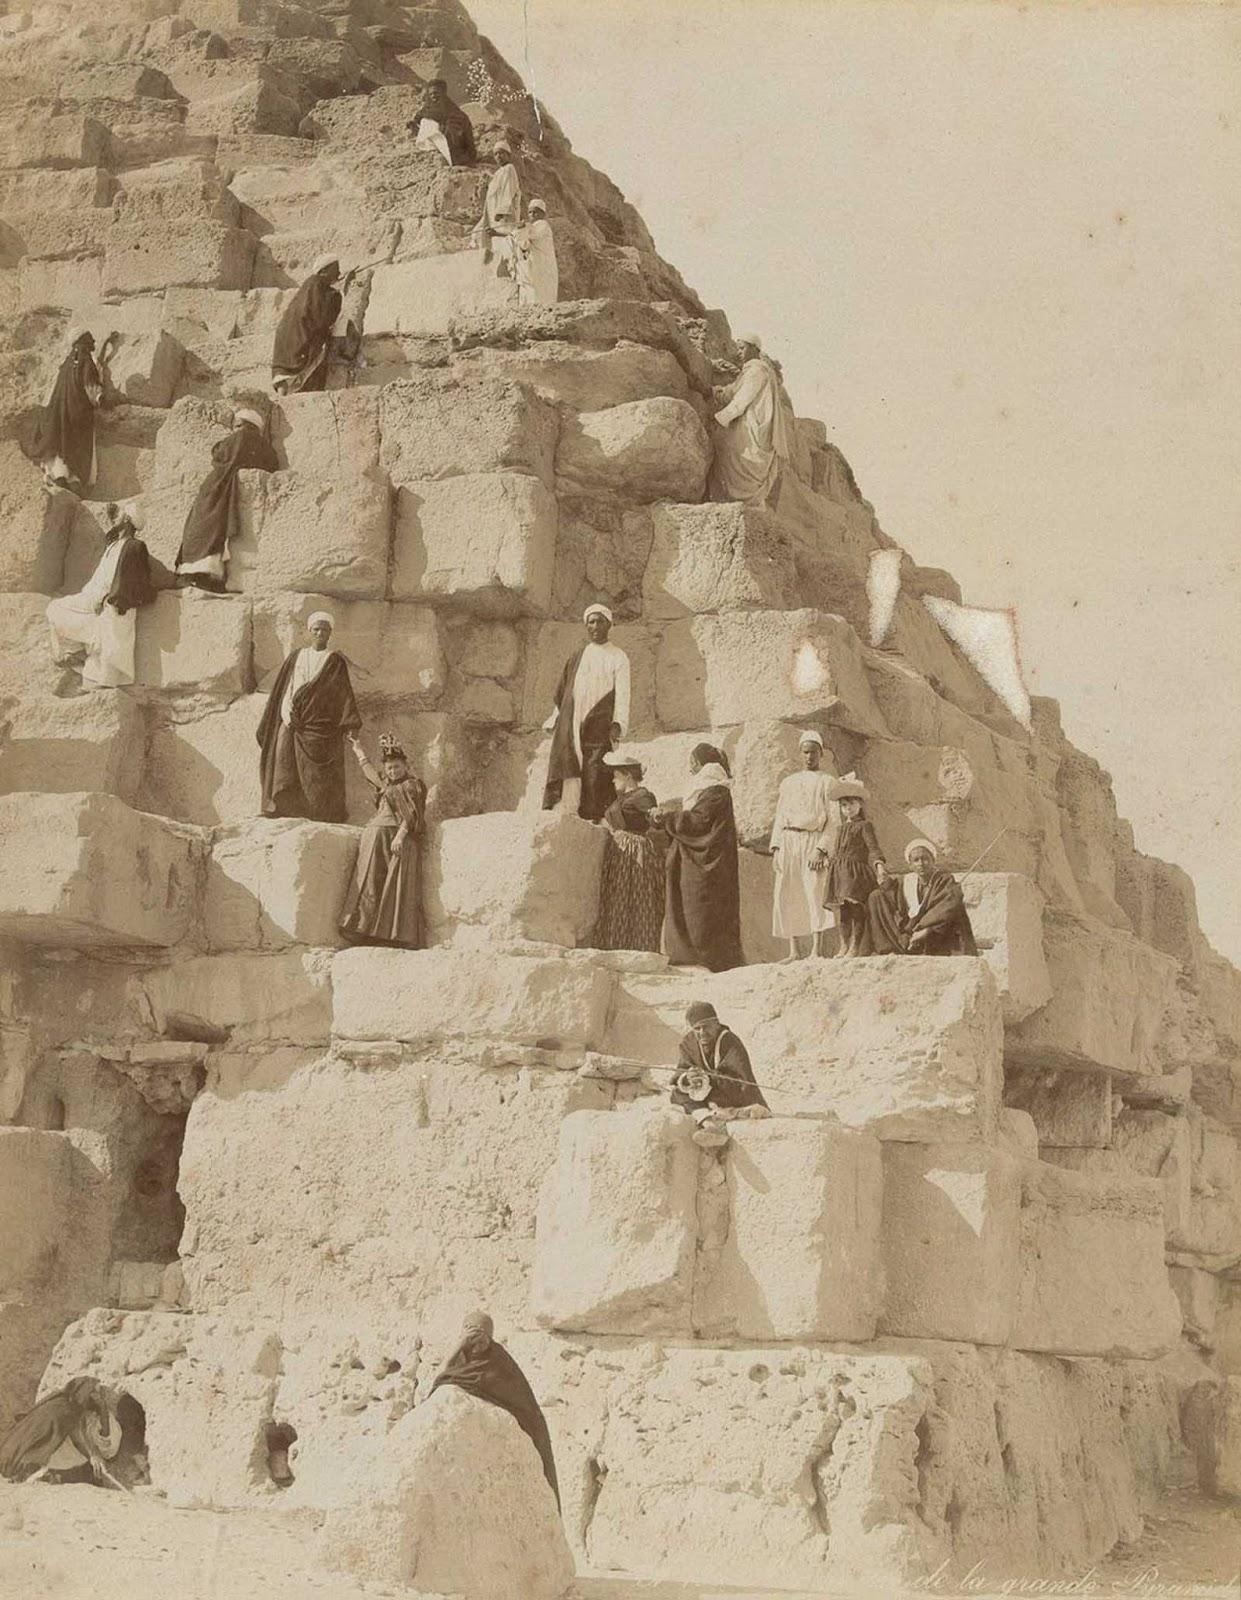 Turistas nas pirâmides